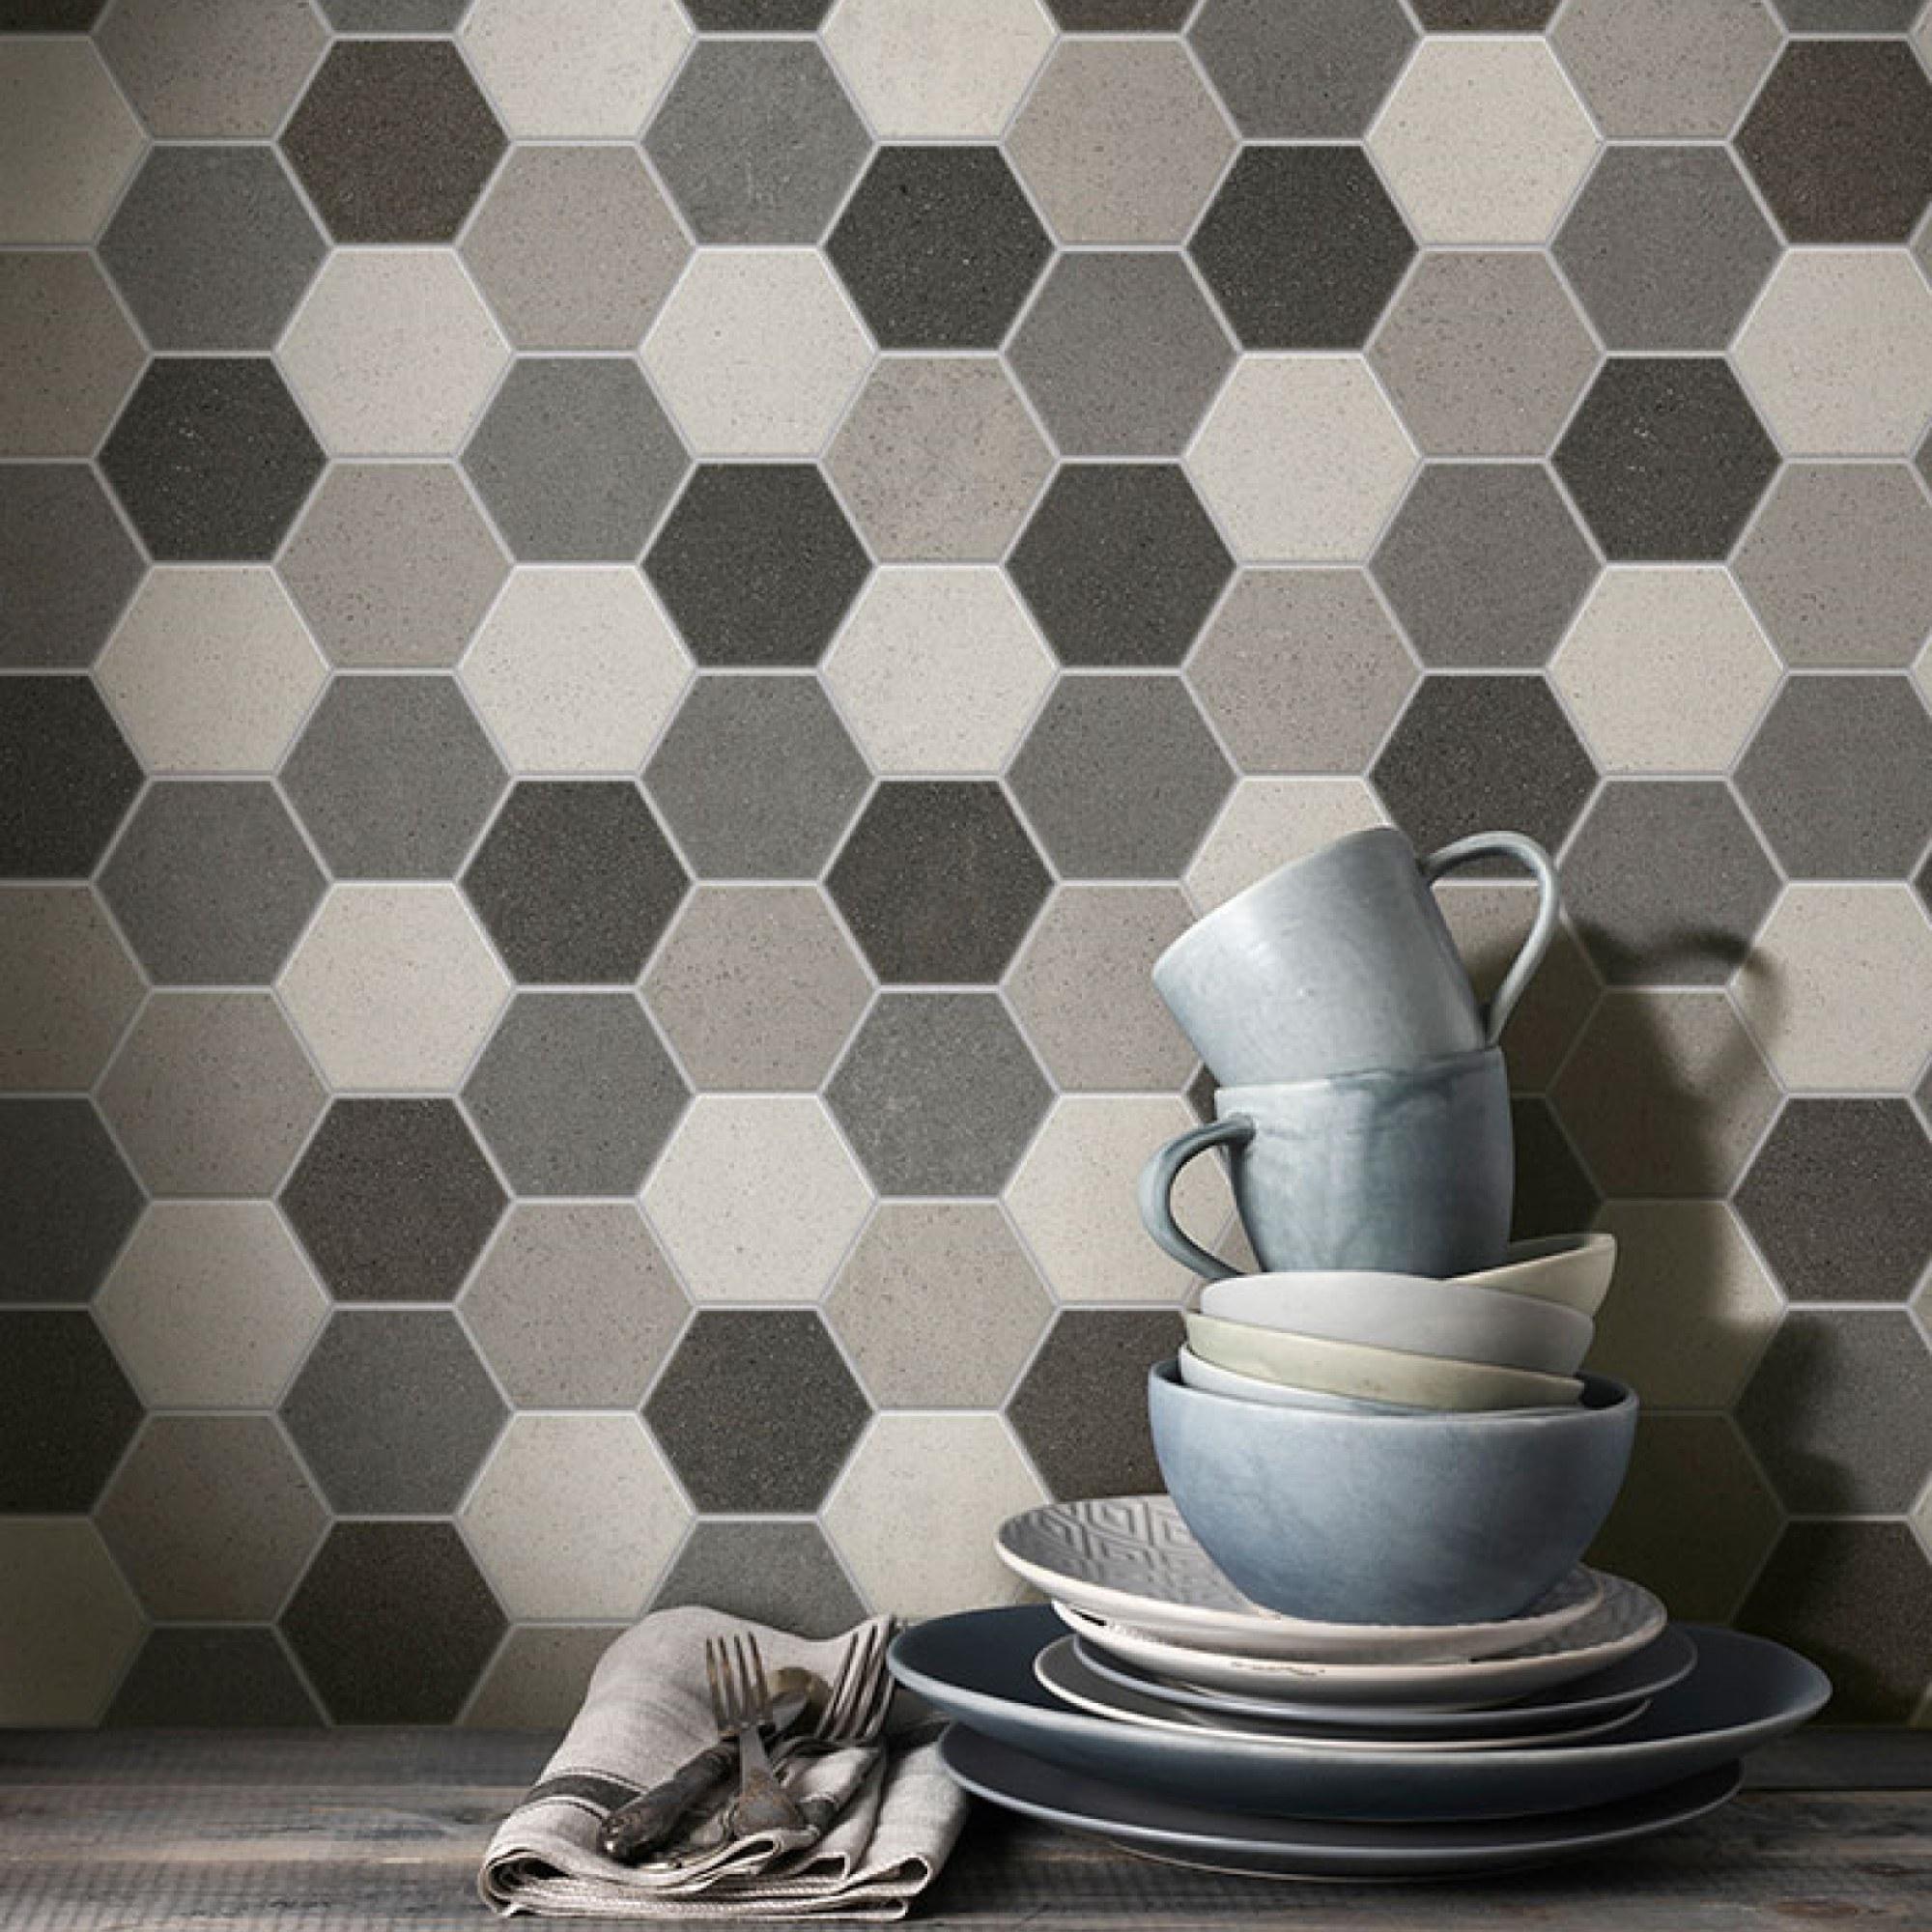 Betonlook hexagon wandtegels in crème, taupe en grijs